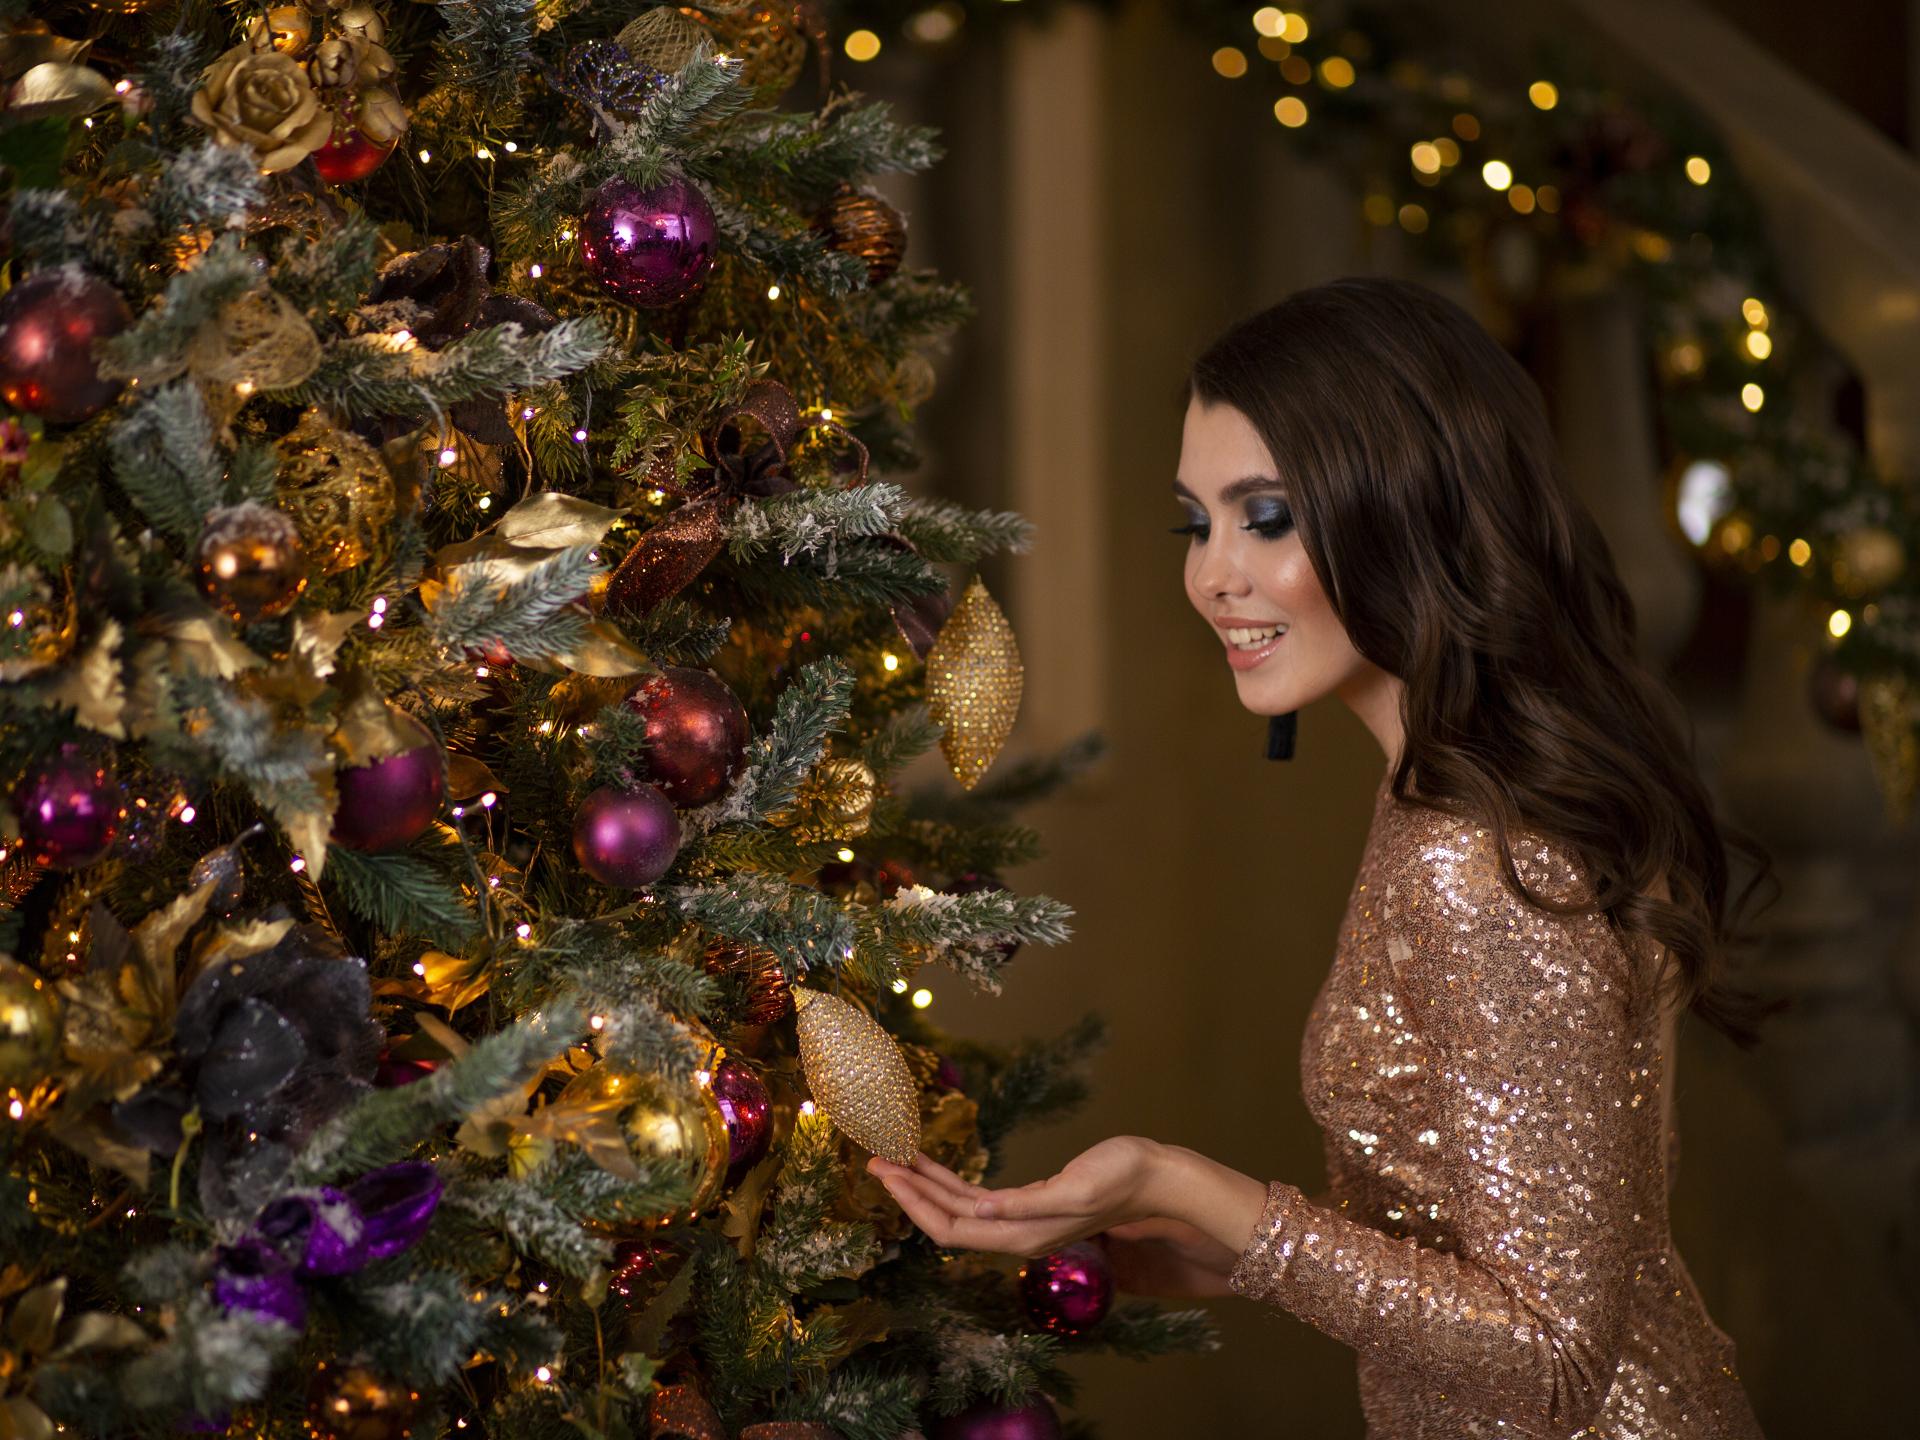 Für viele ist es besonders wichtig, dass sie zu Weihnachten einen großen, bunt dekorierten Christbaum haben. - Photocredit: pixabay.com/Afishera